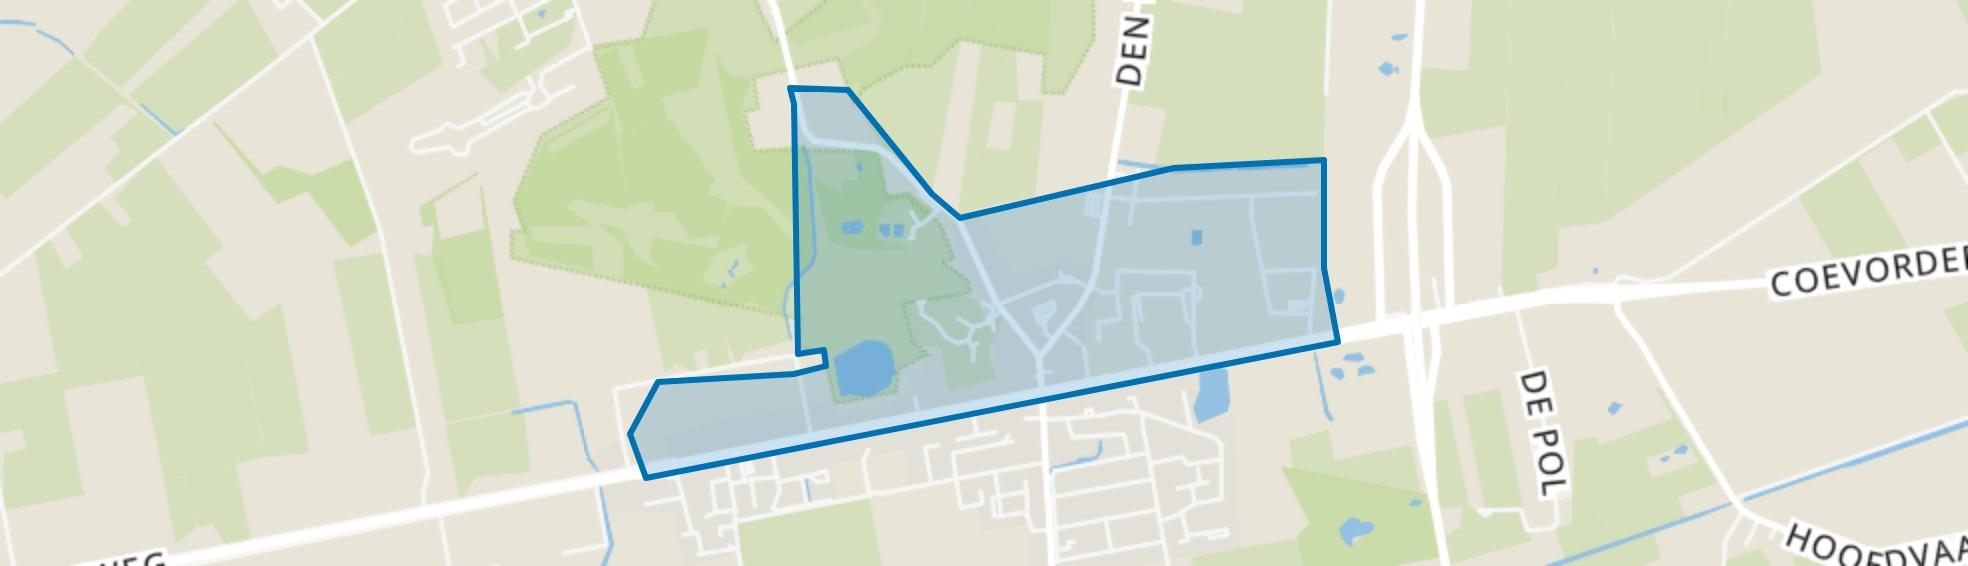 Balkbrug-Noord, Balkbrug map